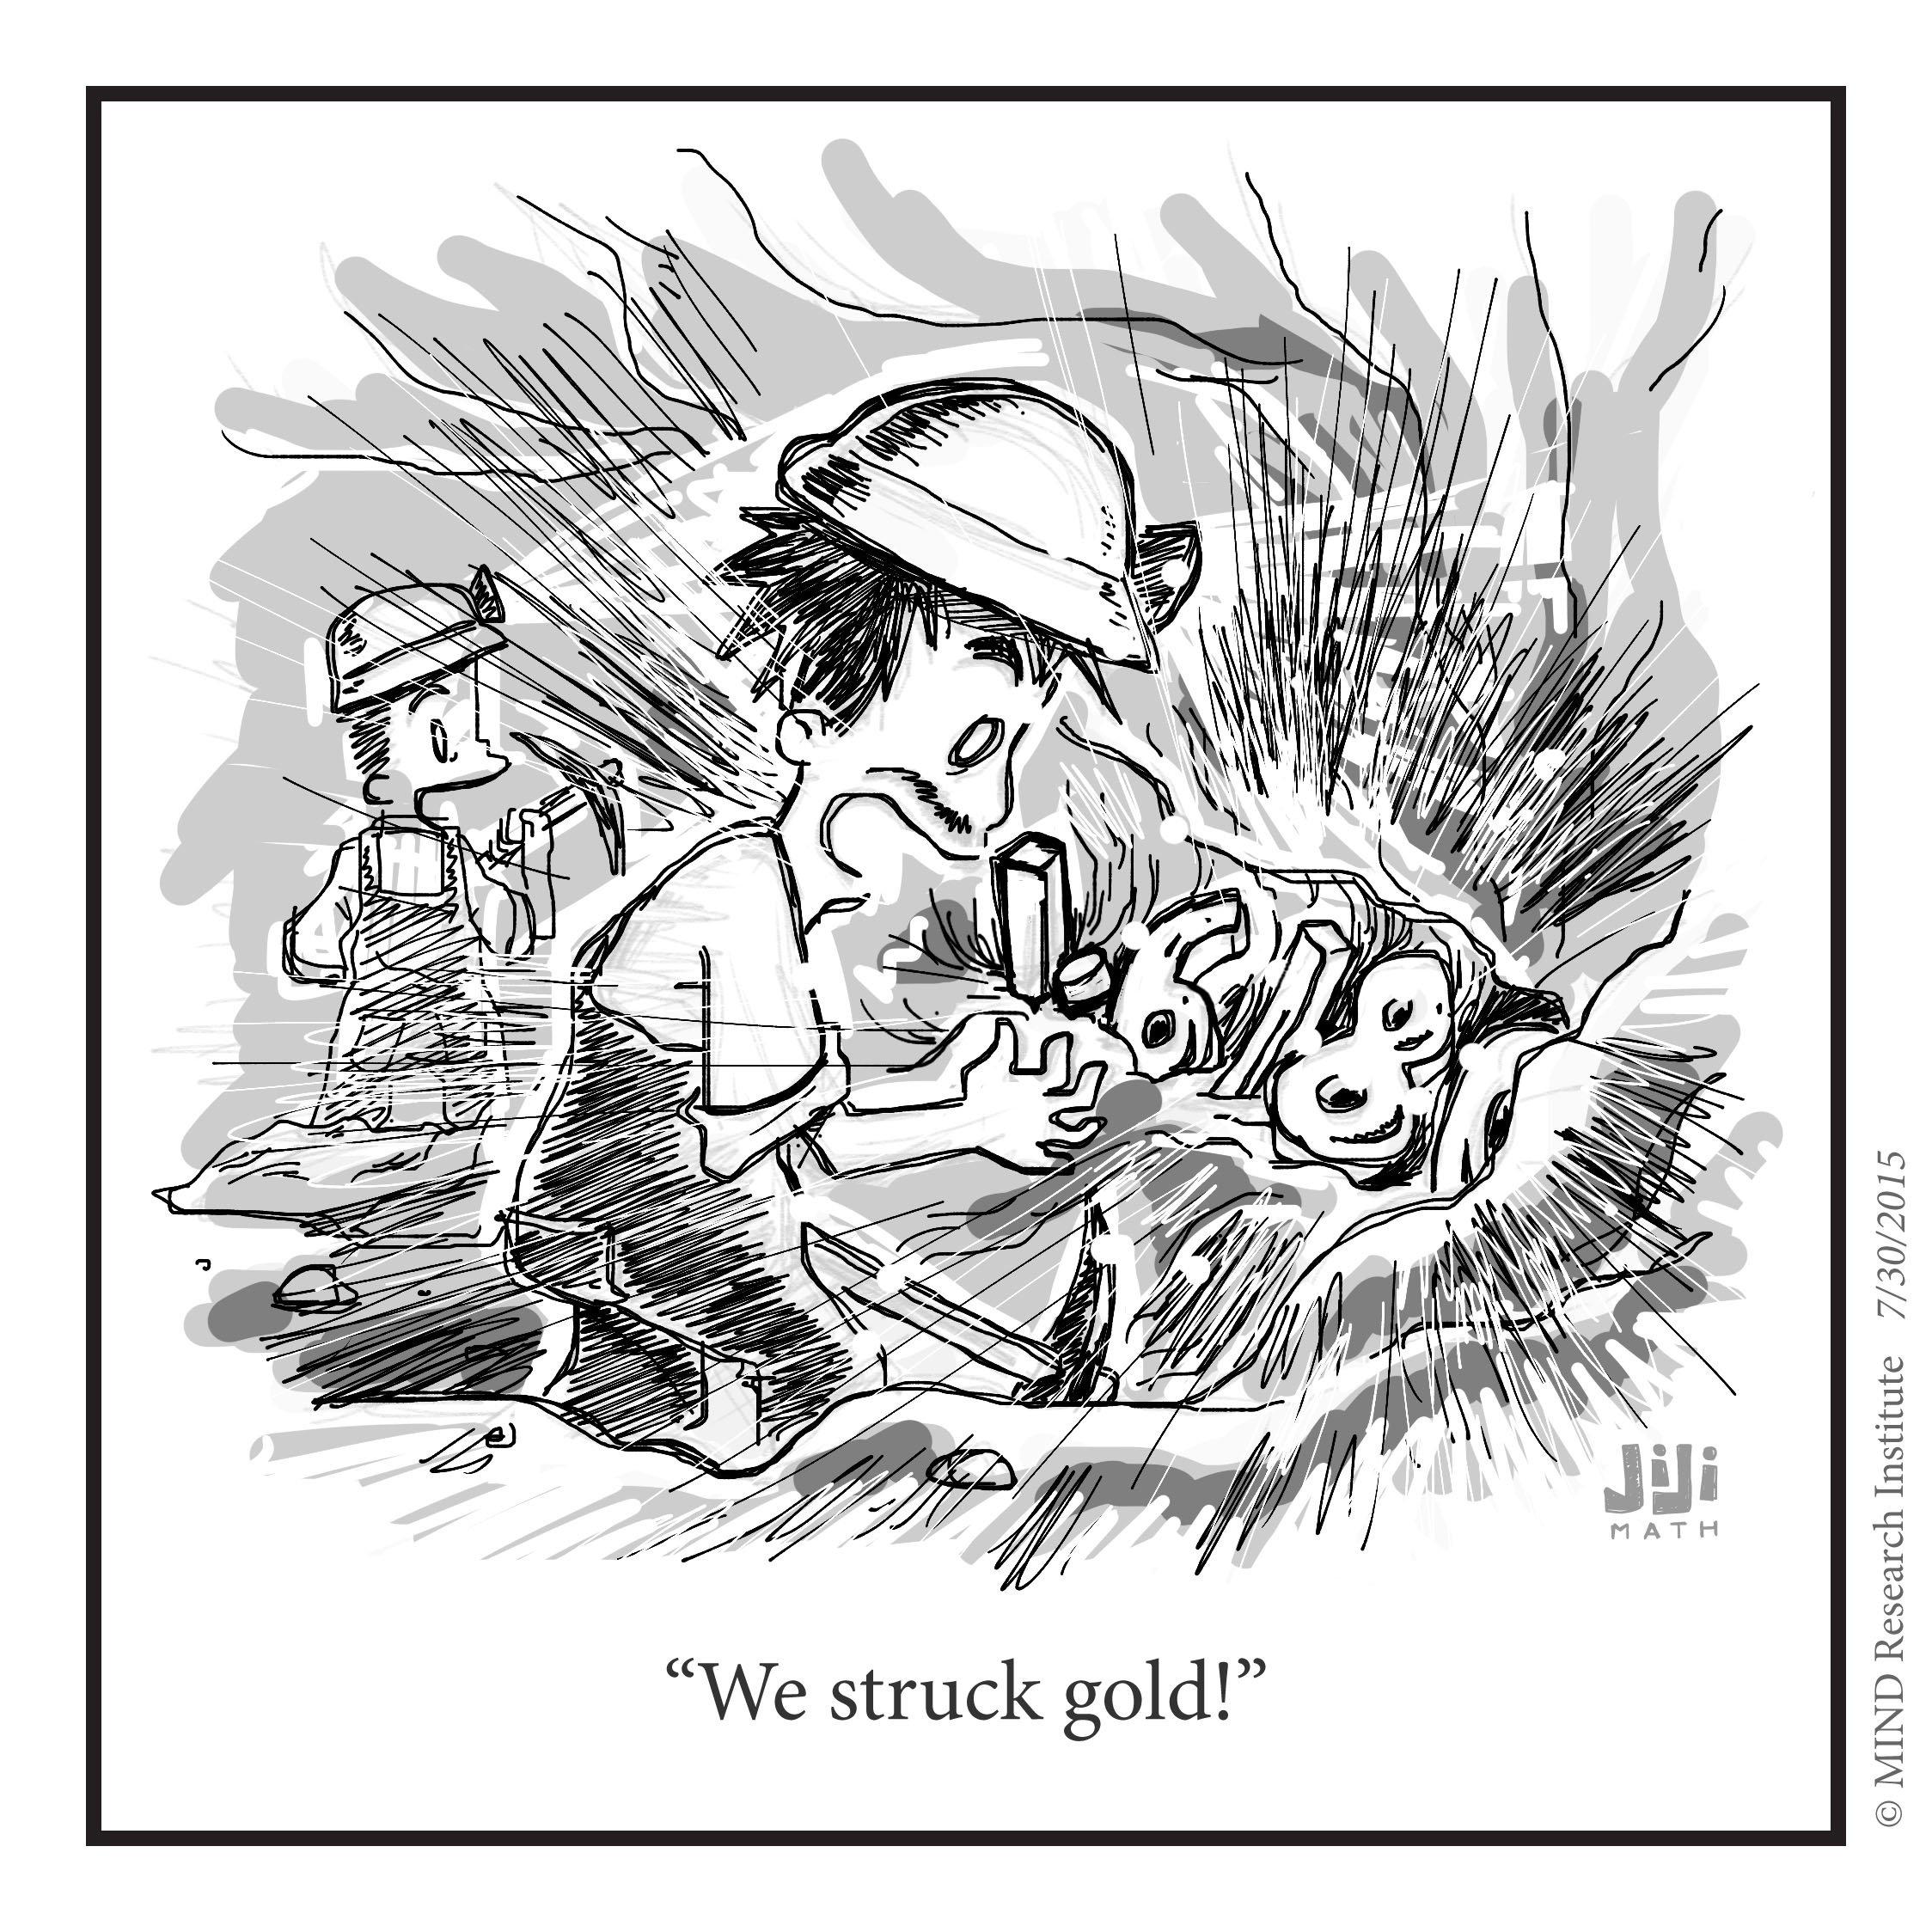 We_Struck_Gold_7-30-15